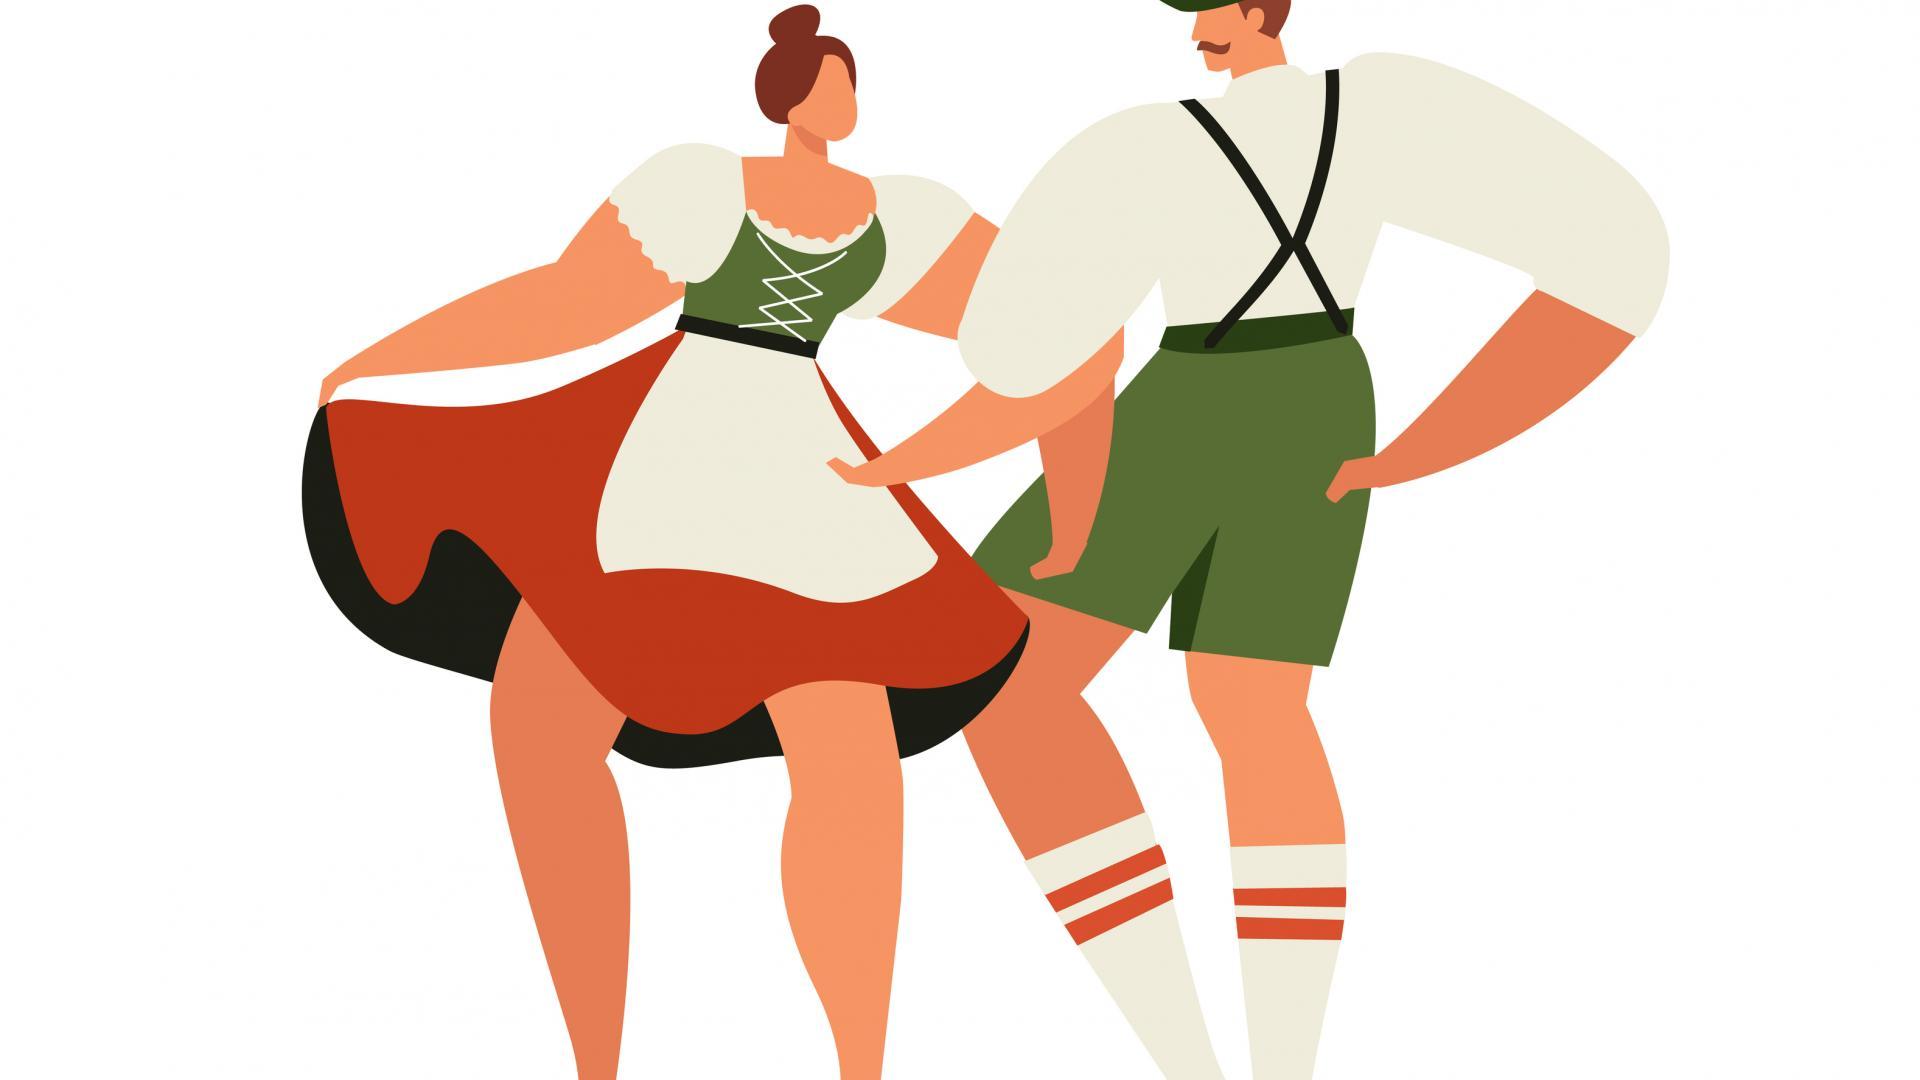 deutsch, german, oktoberfest, kostüm, tradition